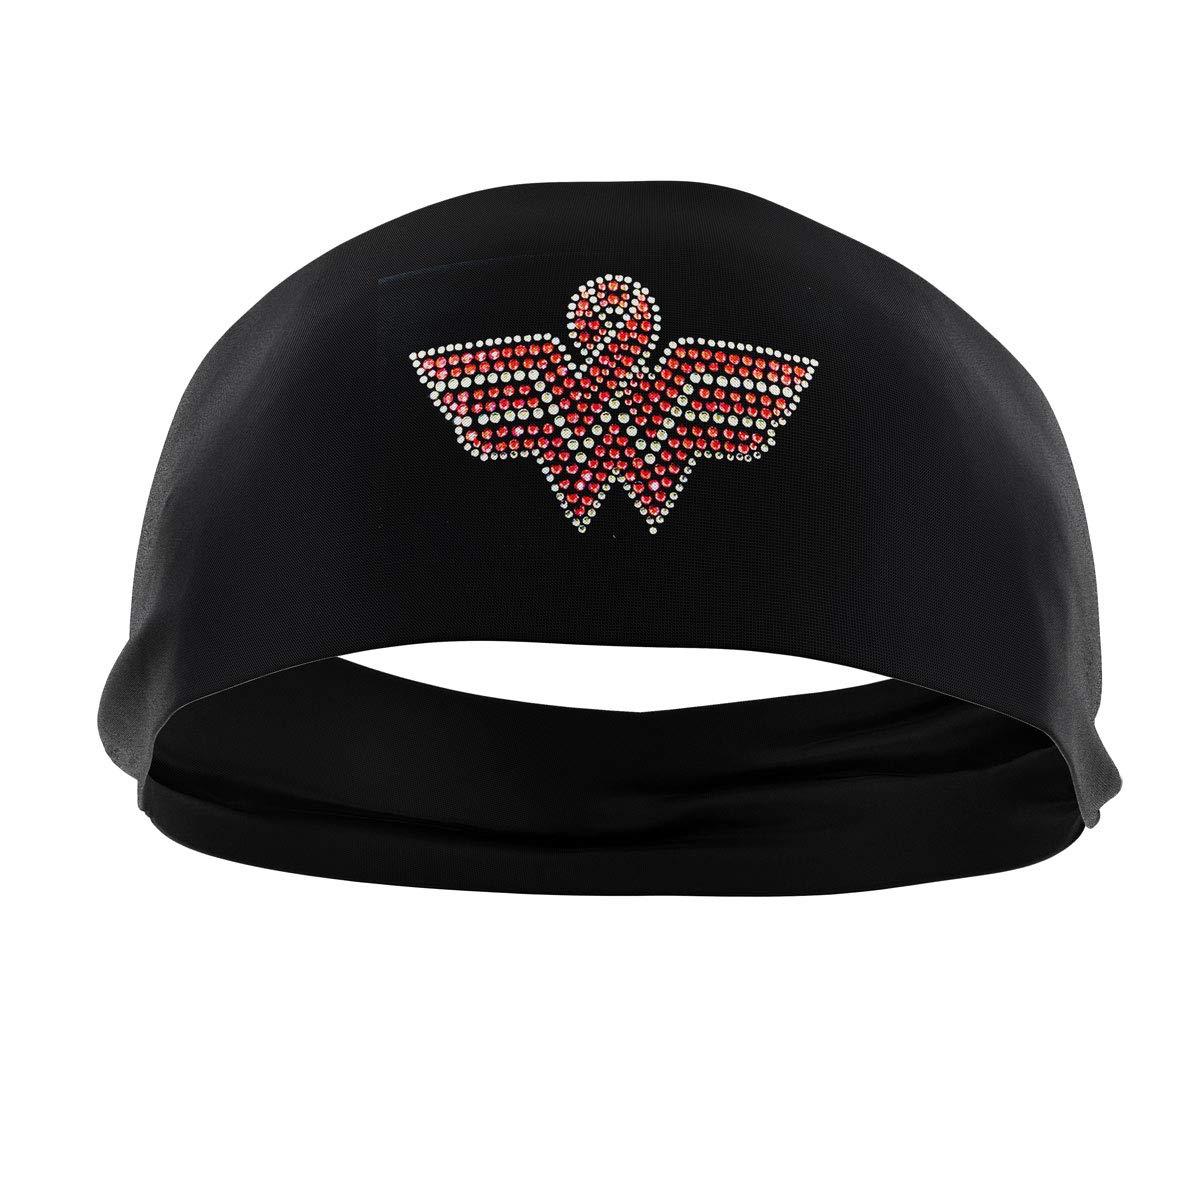 RAVEbandzファッションヘッドバンド(ラインストーン) Ñ調節可能、ノンスリップスポーツ&フィットネス用ヘアバンドレディース、ガールズ  Wonder Woman Breast Cancer Awareness B07ND5DWH9